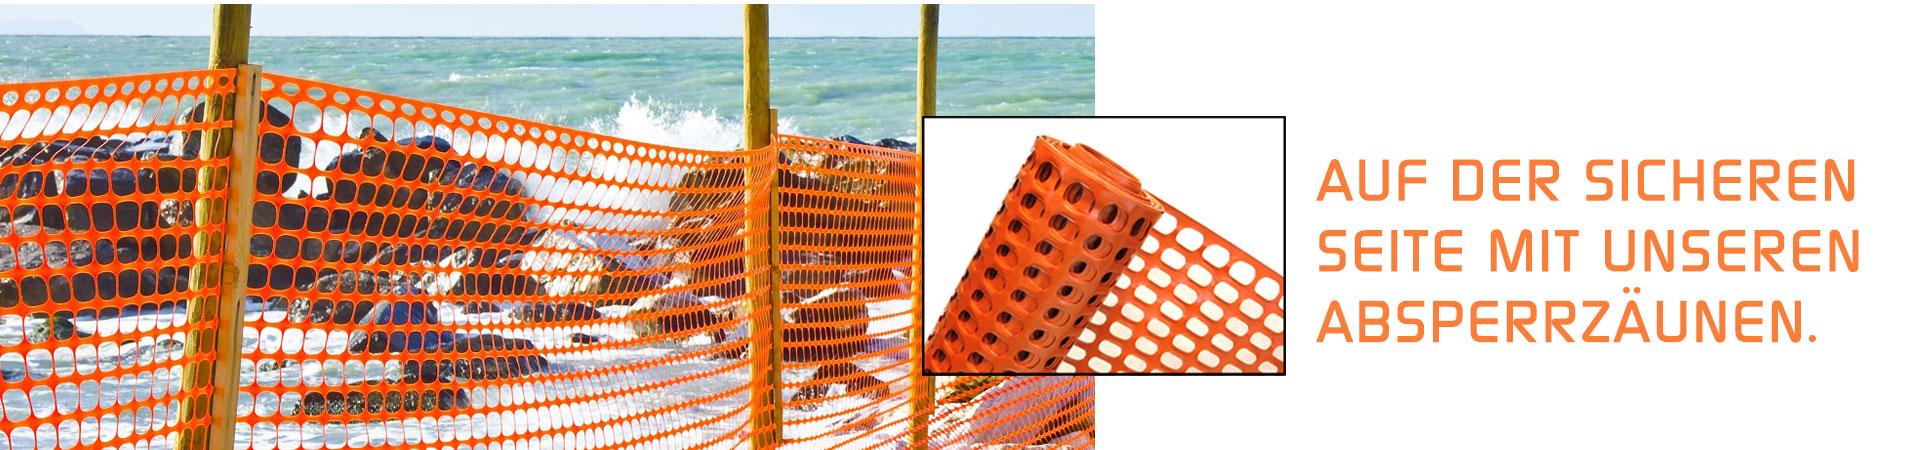 orangener Absperrzaun am Strand